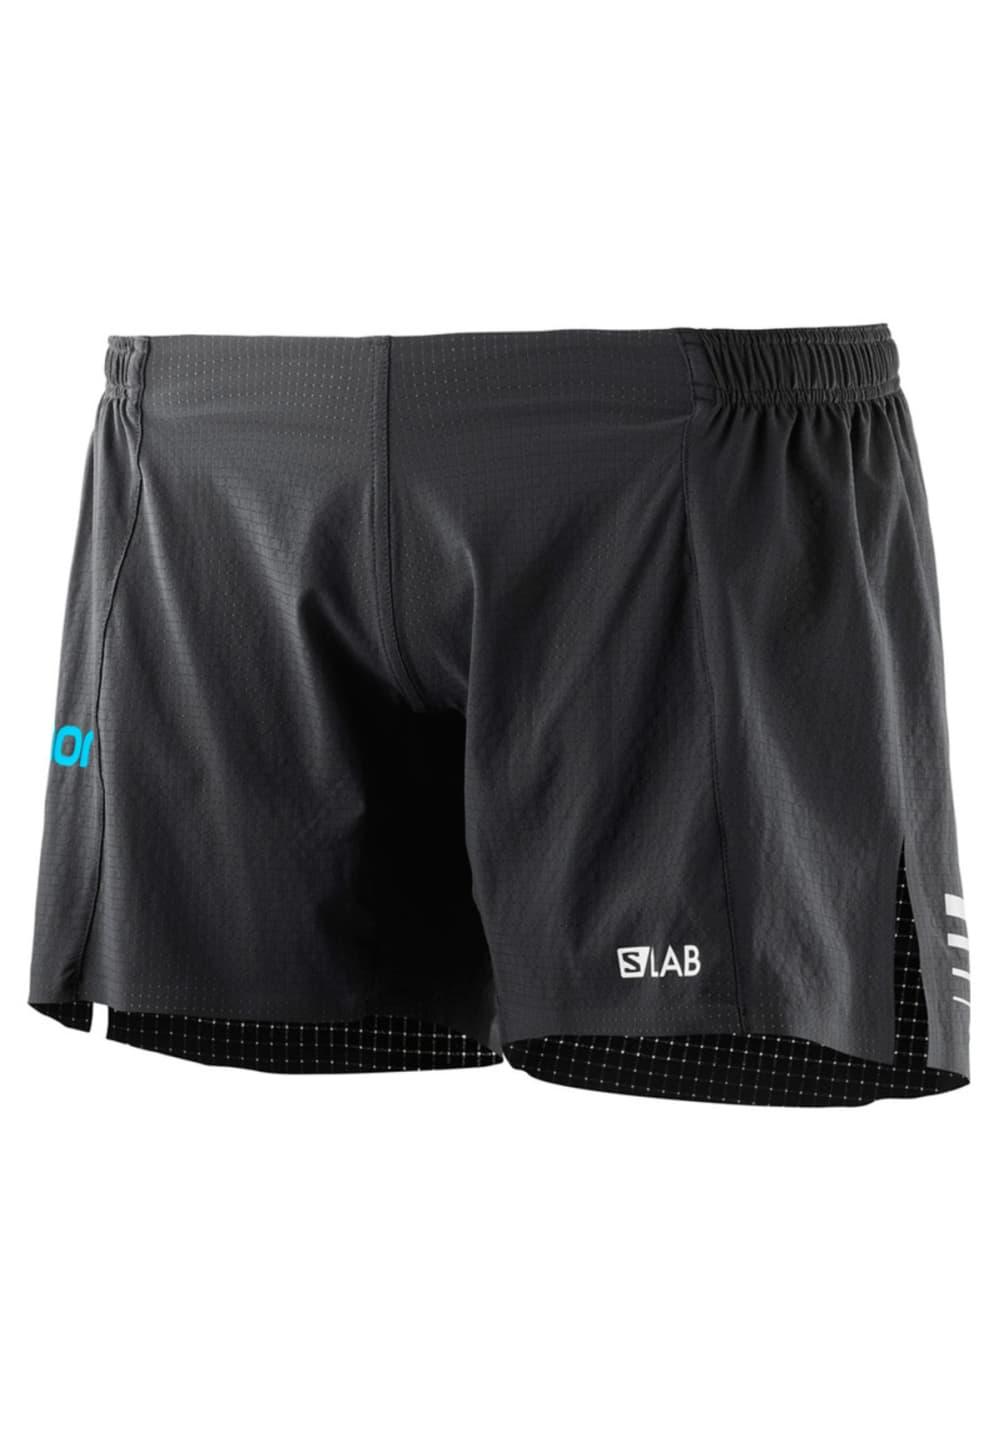 Sportmode für Frauen - Salomon S Lab Short 6 Laufhosen für Damen Grau  - Onlineshop 21Run